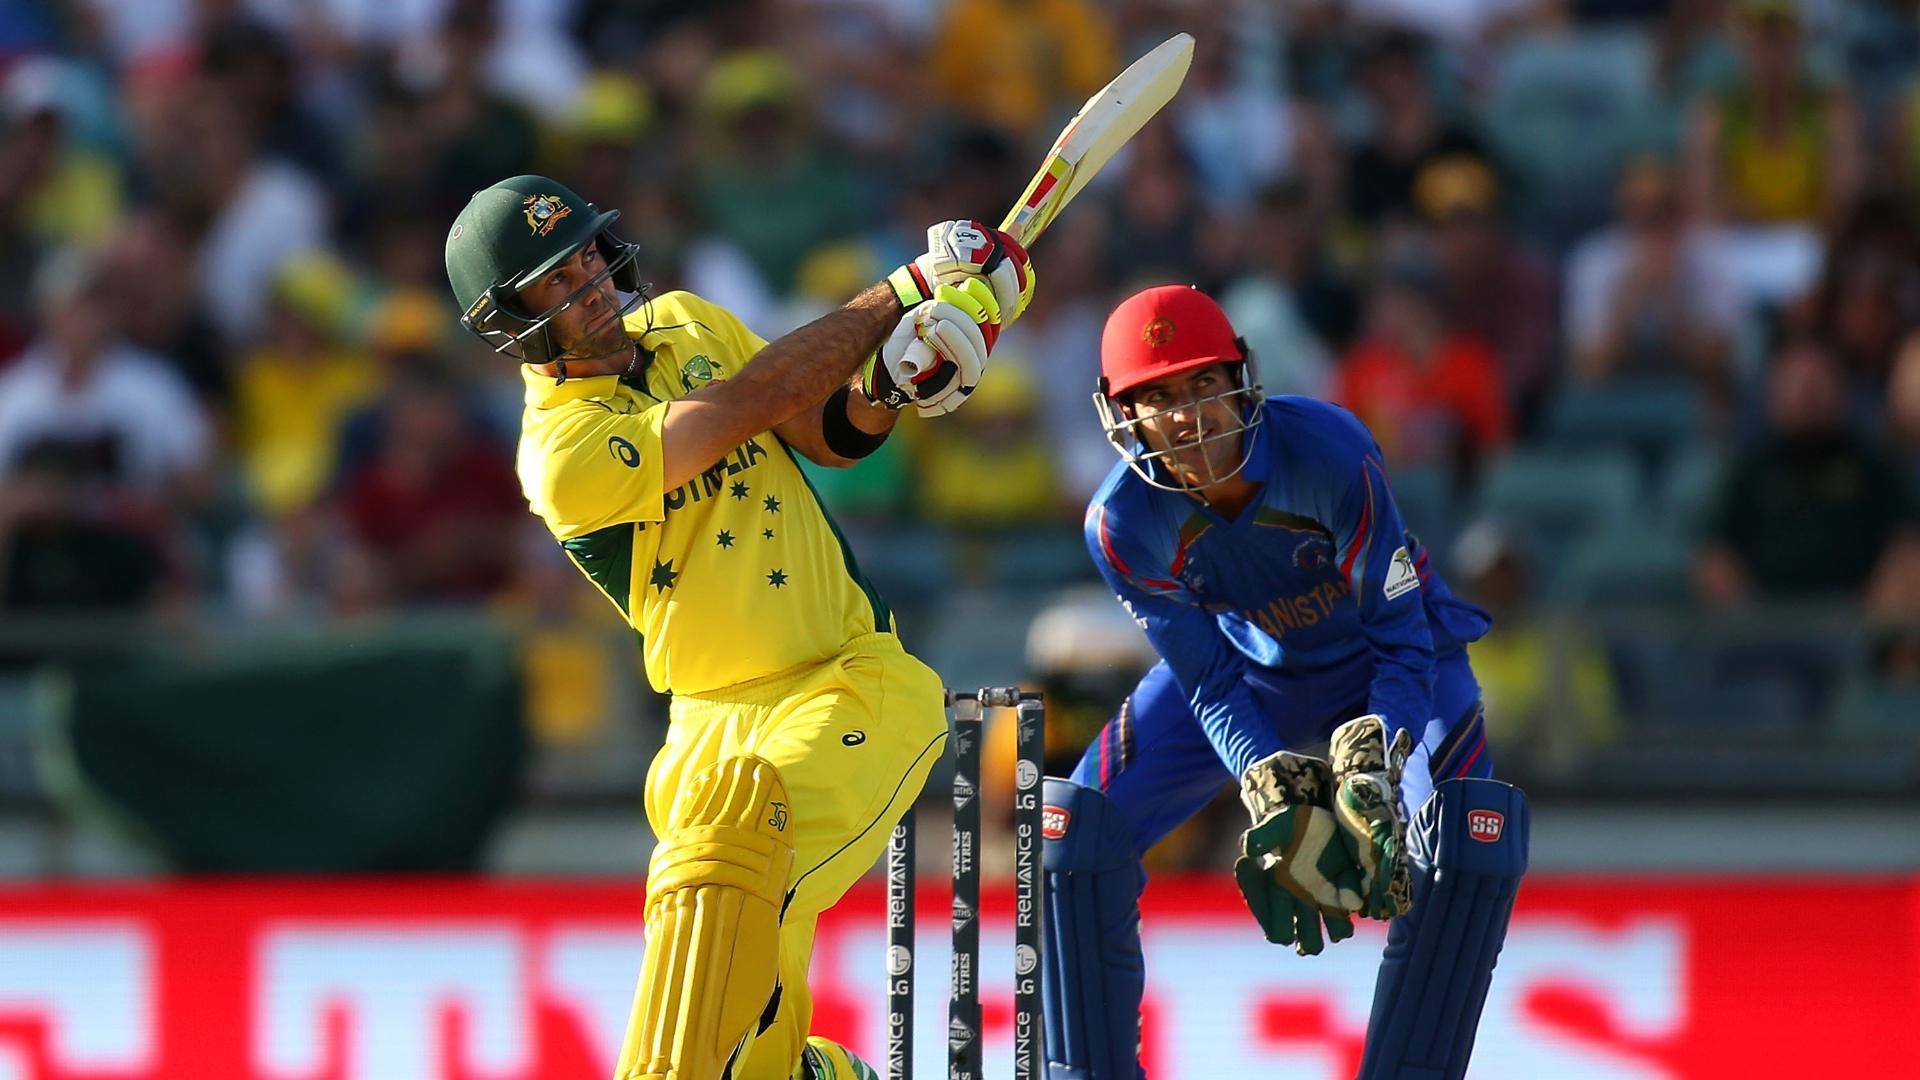 ICC Cricket World Cup 2019: AFG vs AUS स्टैट्स प्रीव्यू: मैच में बन सकते हैं यह पांच बड़े रिकार्ड्स, स्टार्क के पास इतिहास रचने का मौका 1